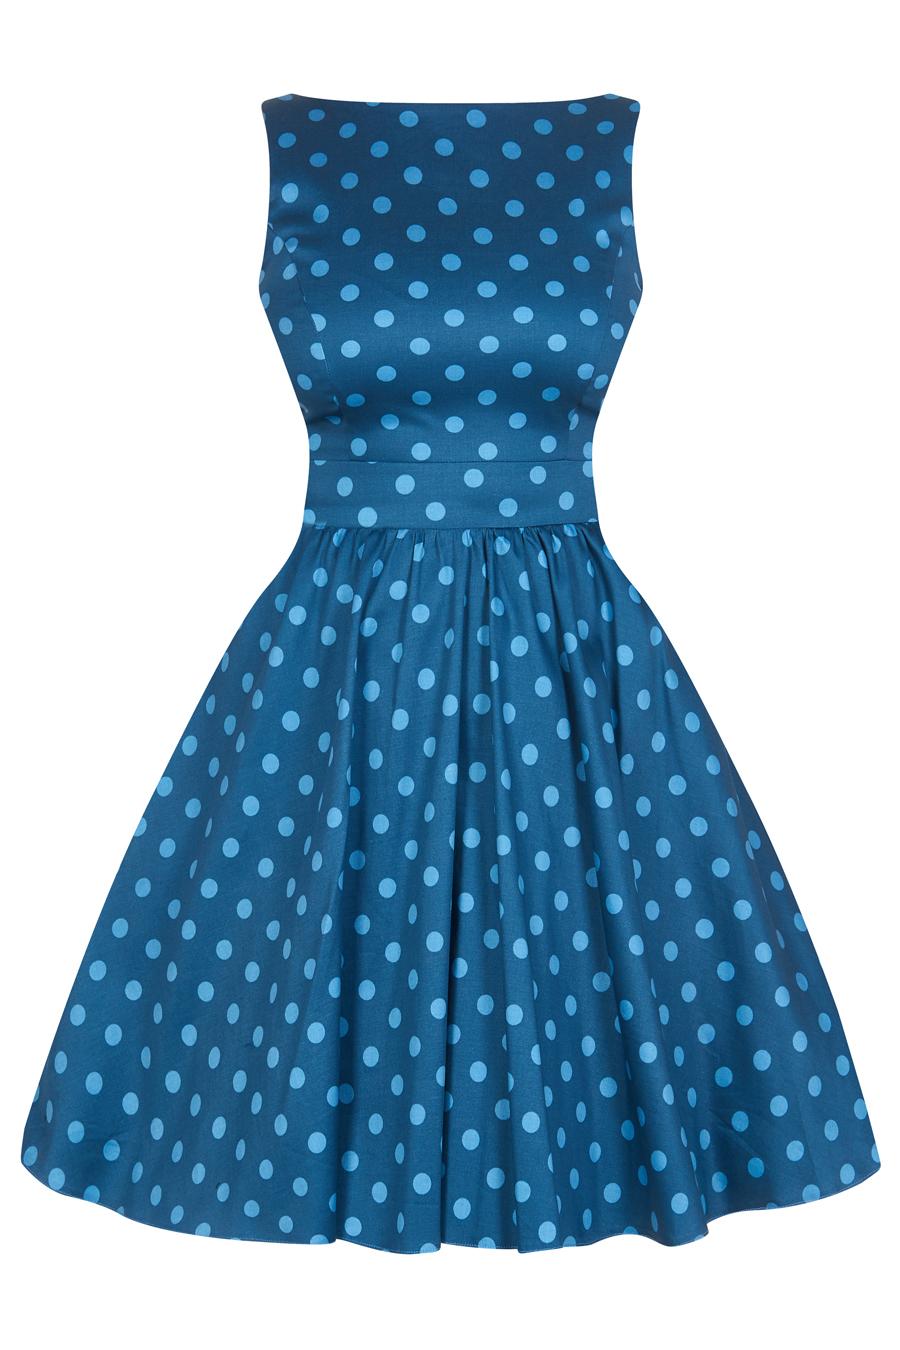 2f28195d94a Modré šaty s puntíky Lady V London Tea Lady V London